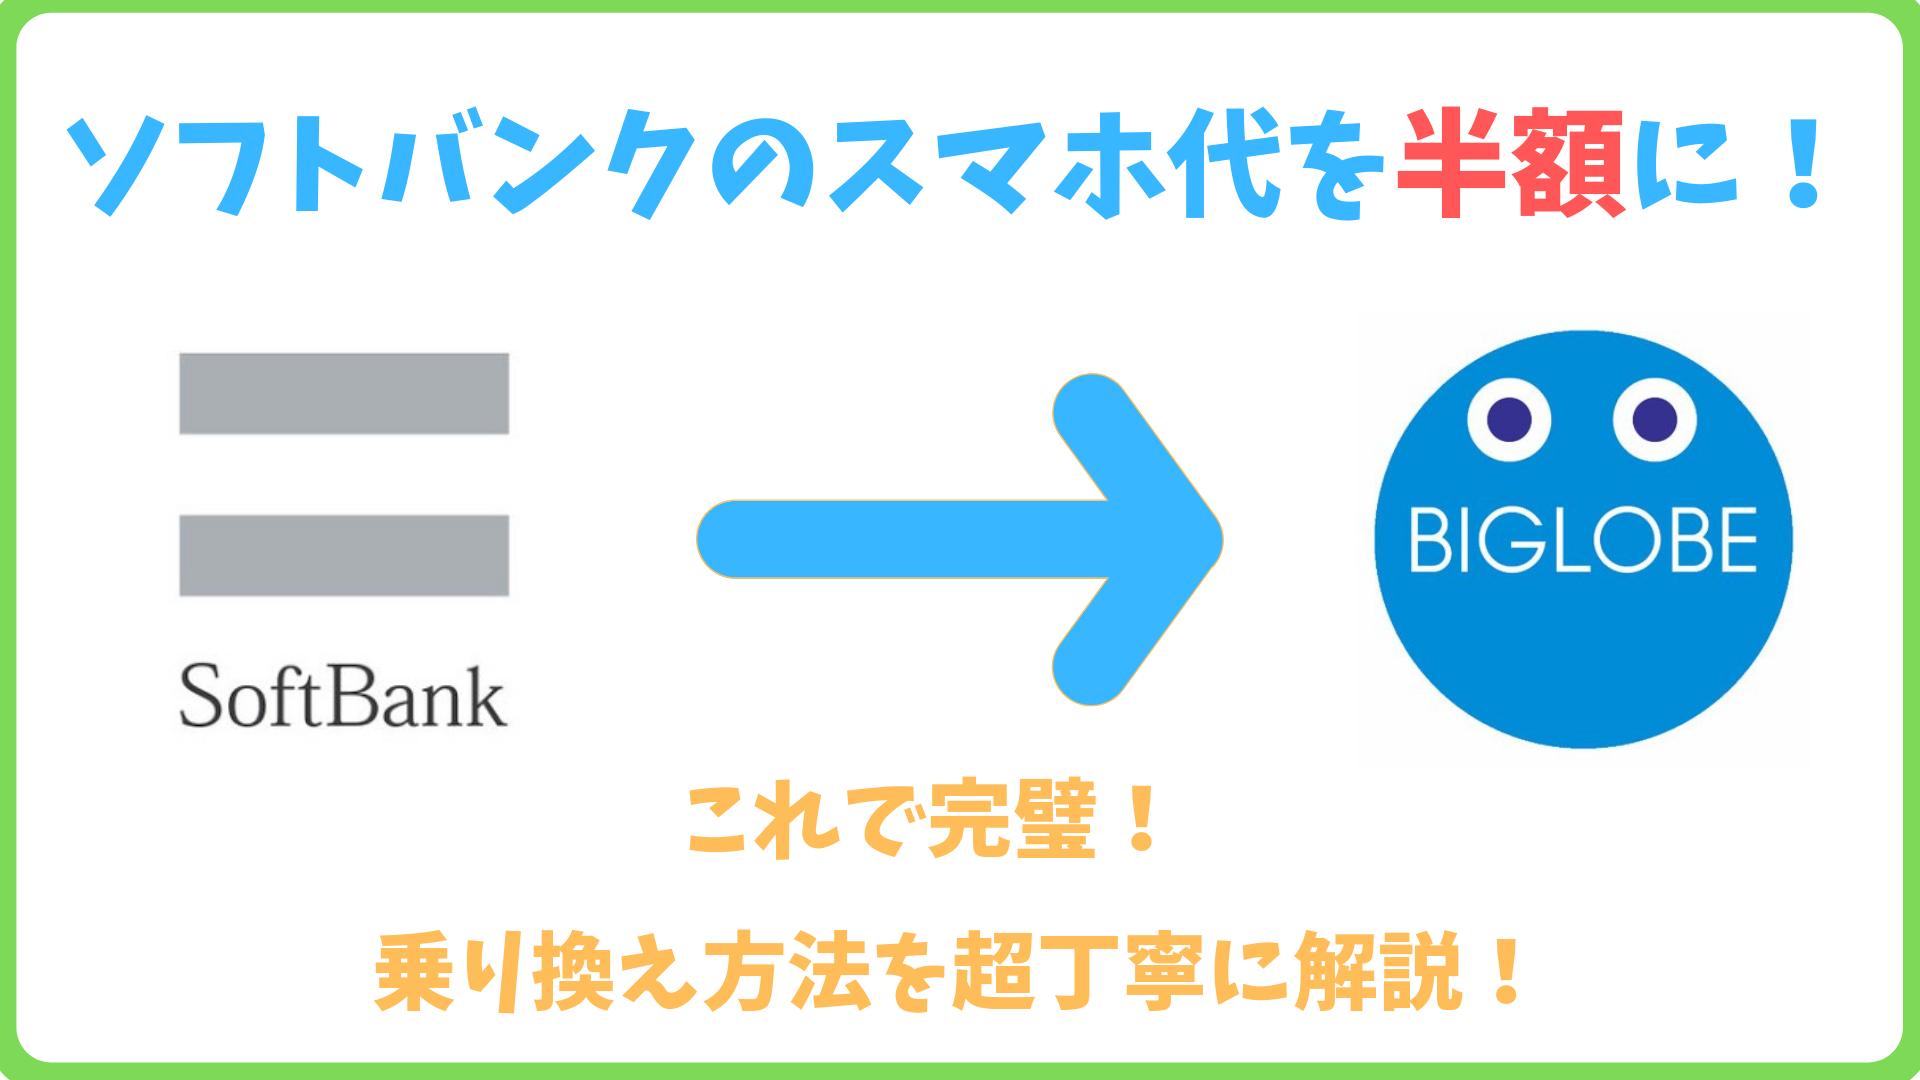 ソフトバンクからBIGLOBEモバイルへの乗り換え(MNP)方法